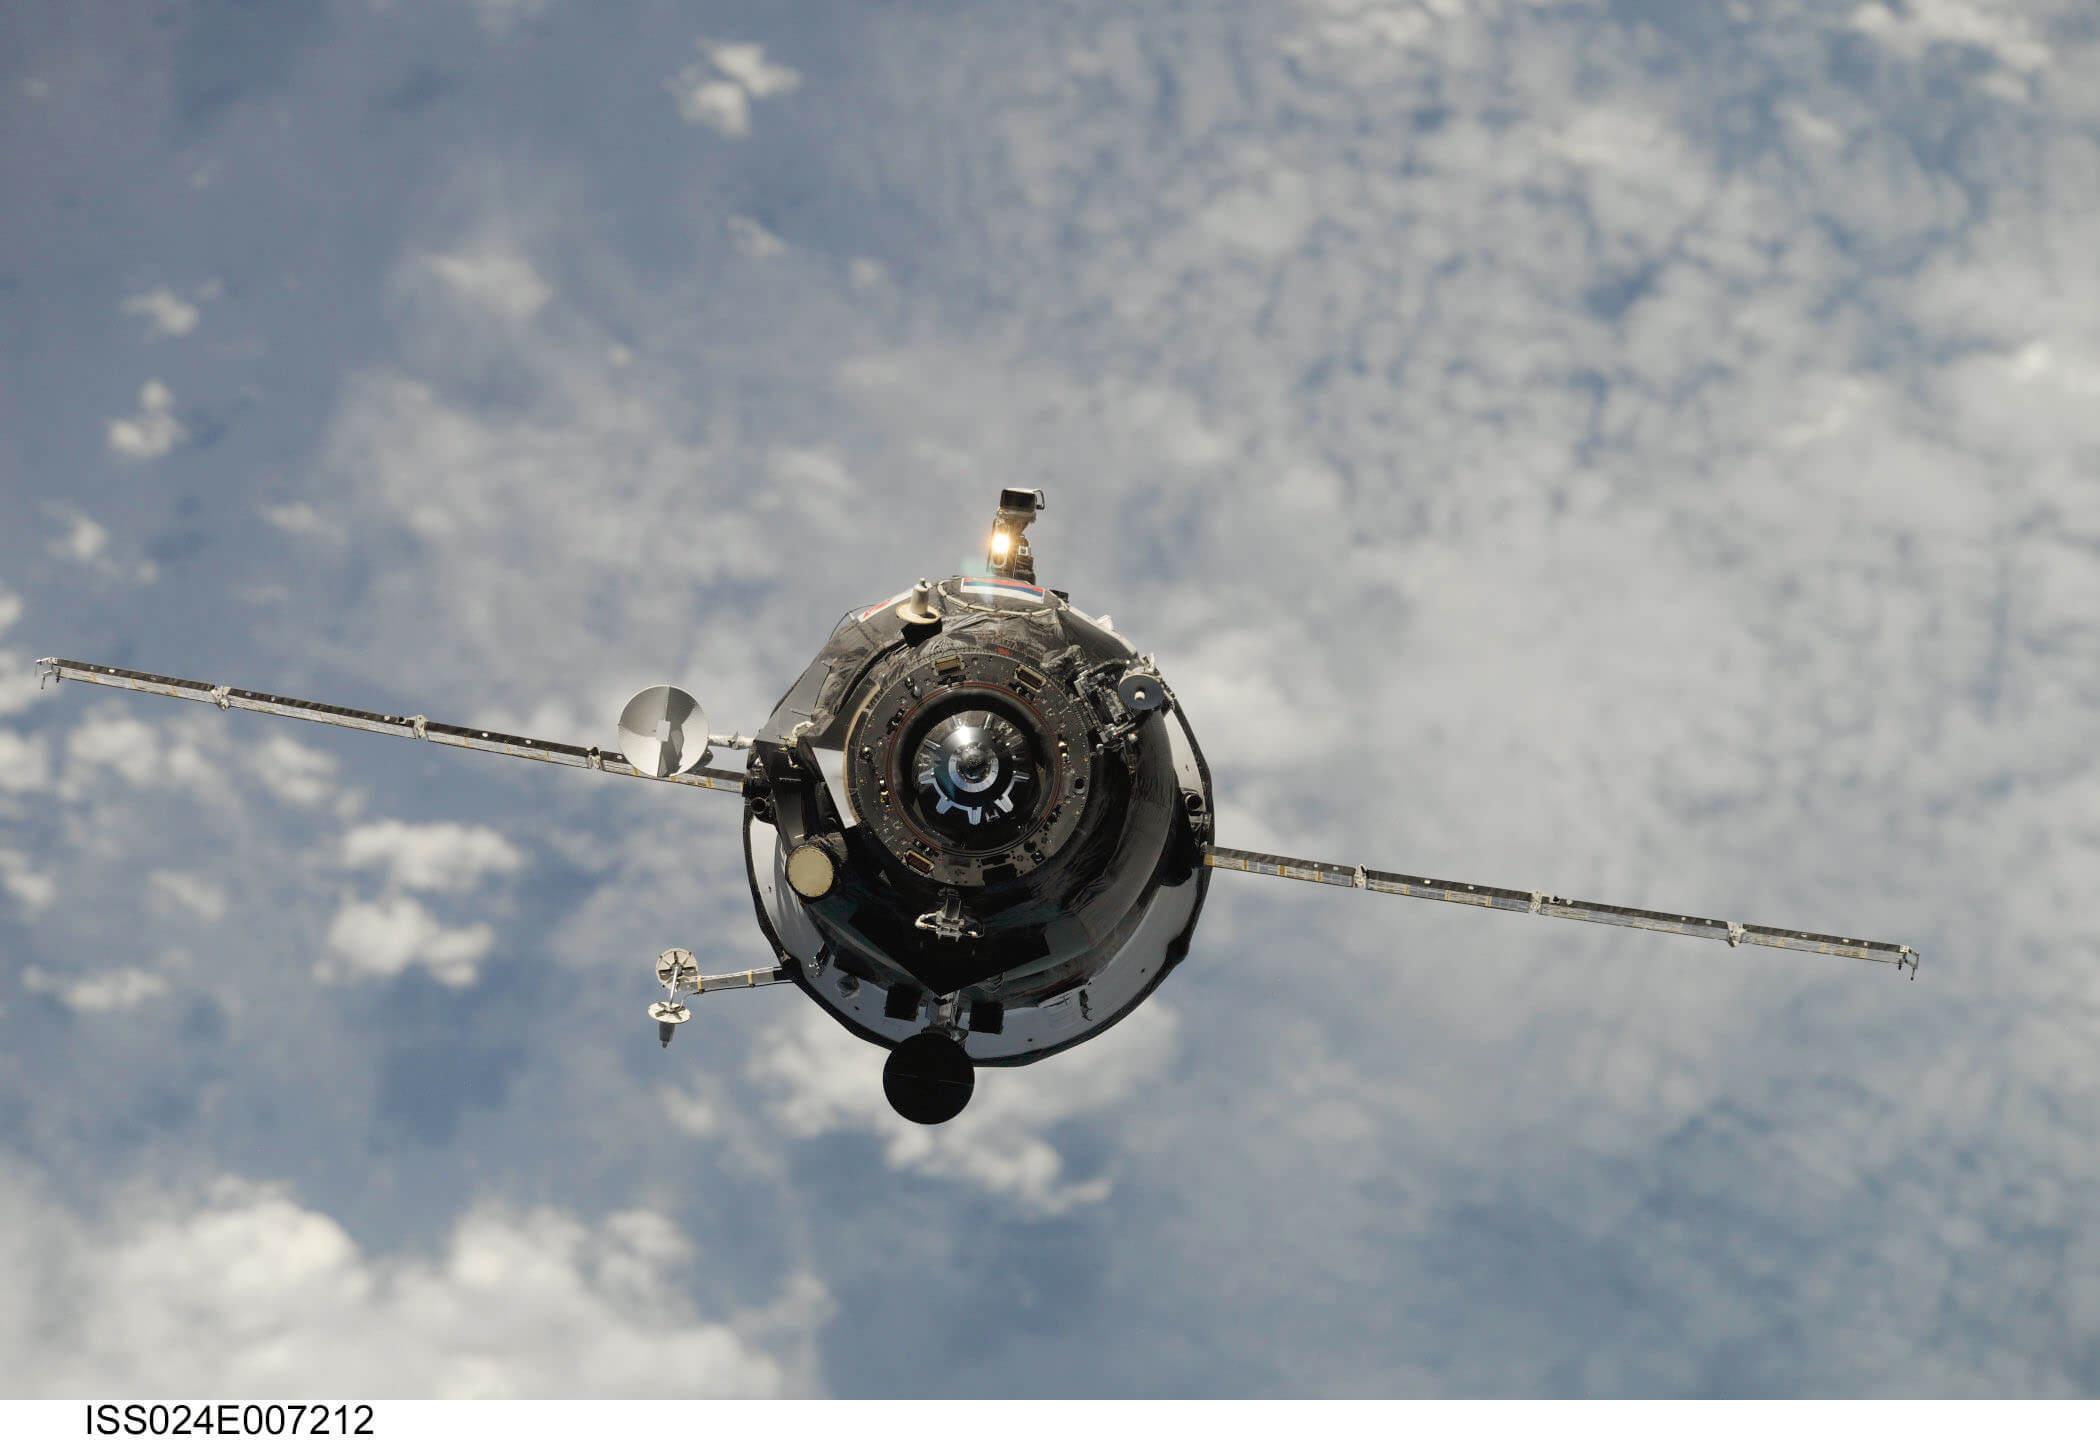 Cargo Progress fuori controllo: colpirà la Terra?